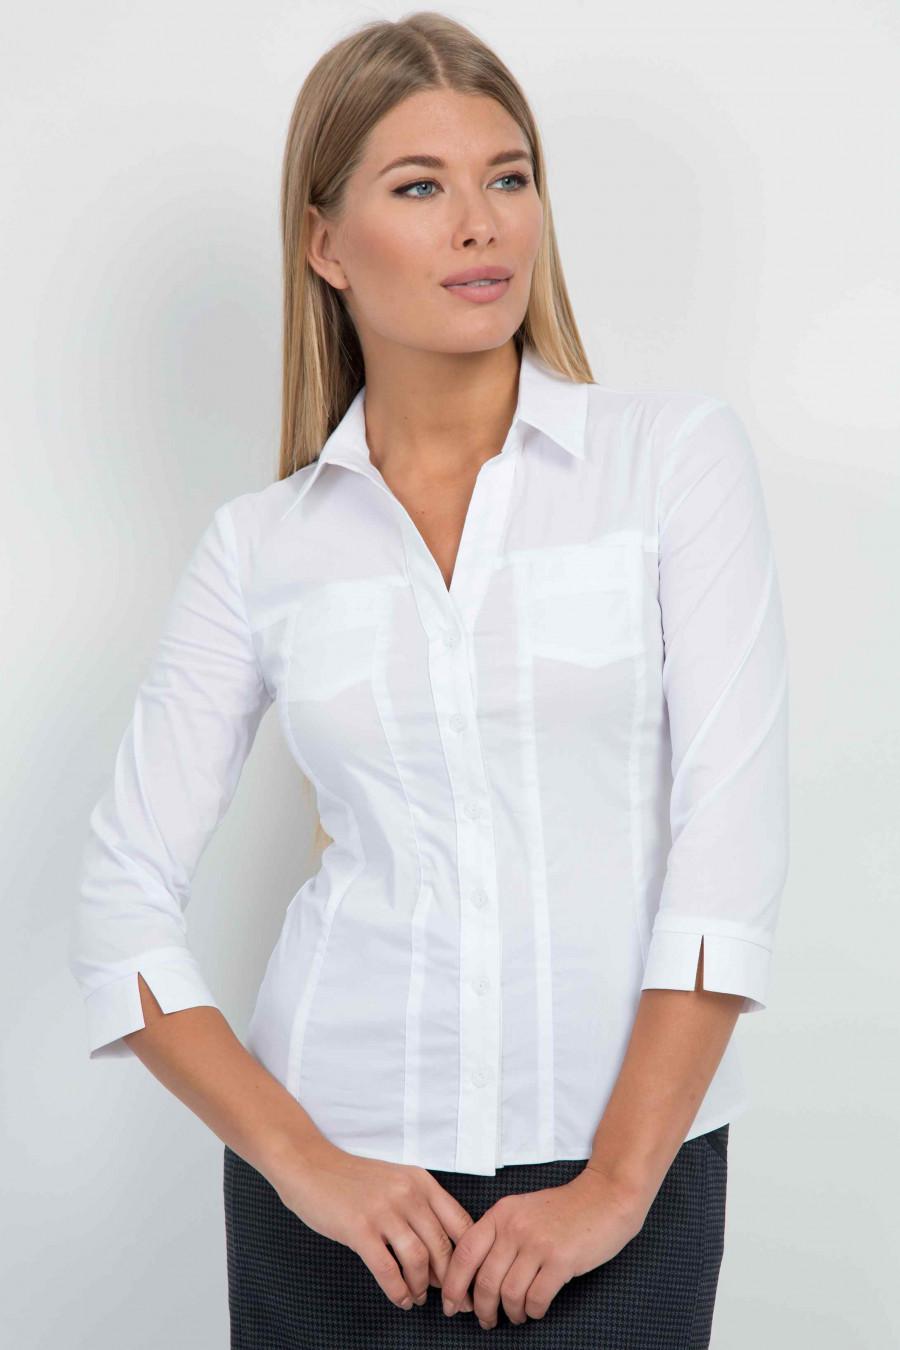 Купить Белую Блузку Для Офиса Доставка